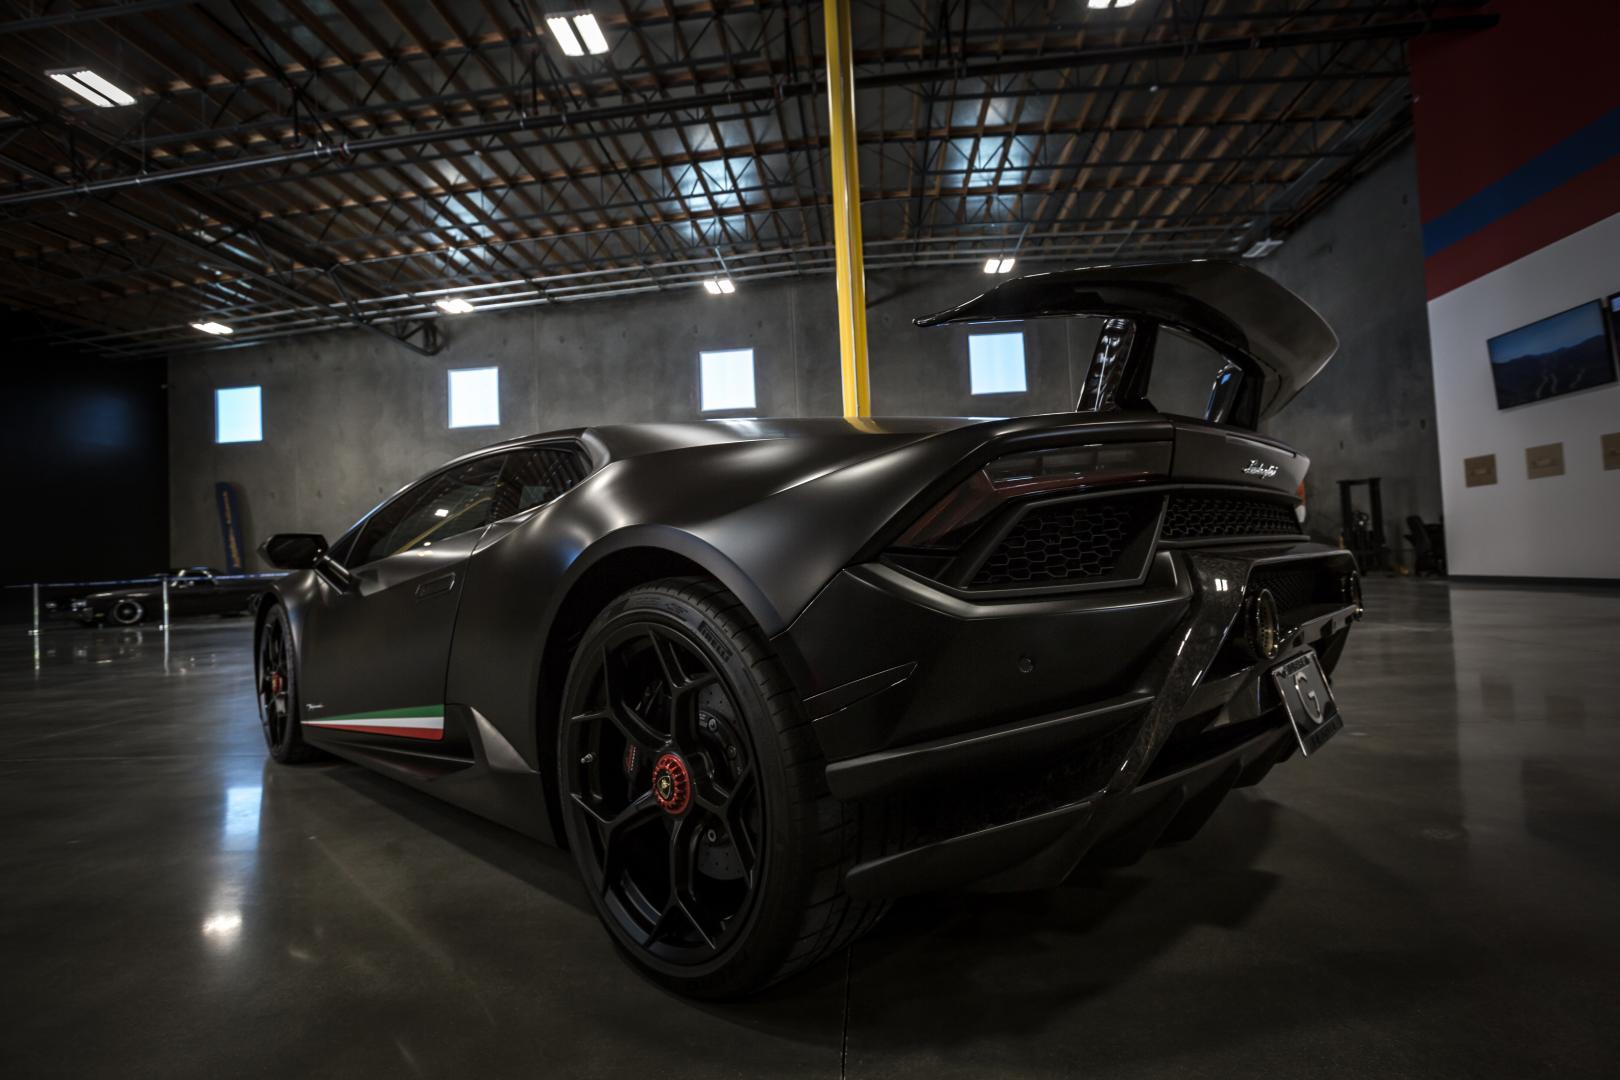 Autobahn Alliance auto-opslag Lamborghini Huracán tuning matzwart